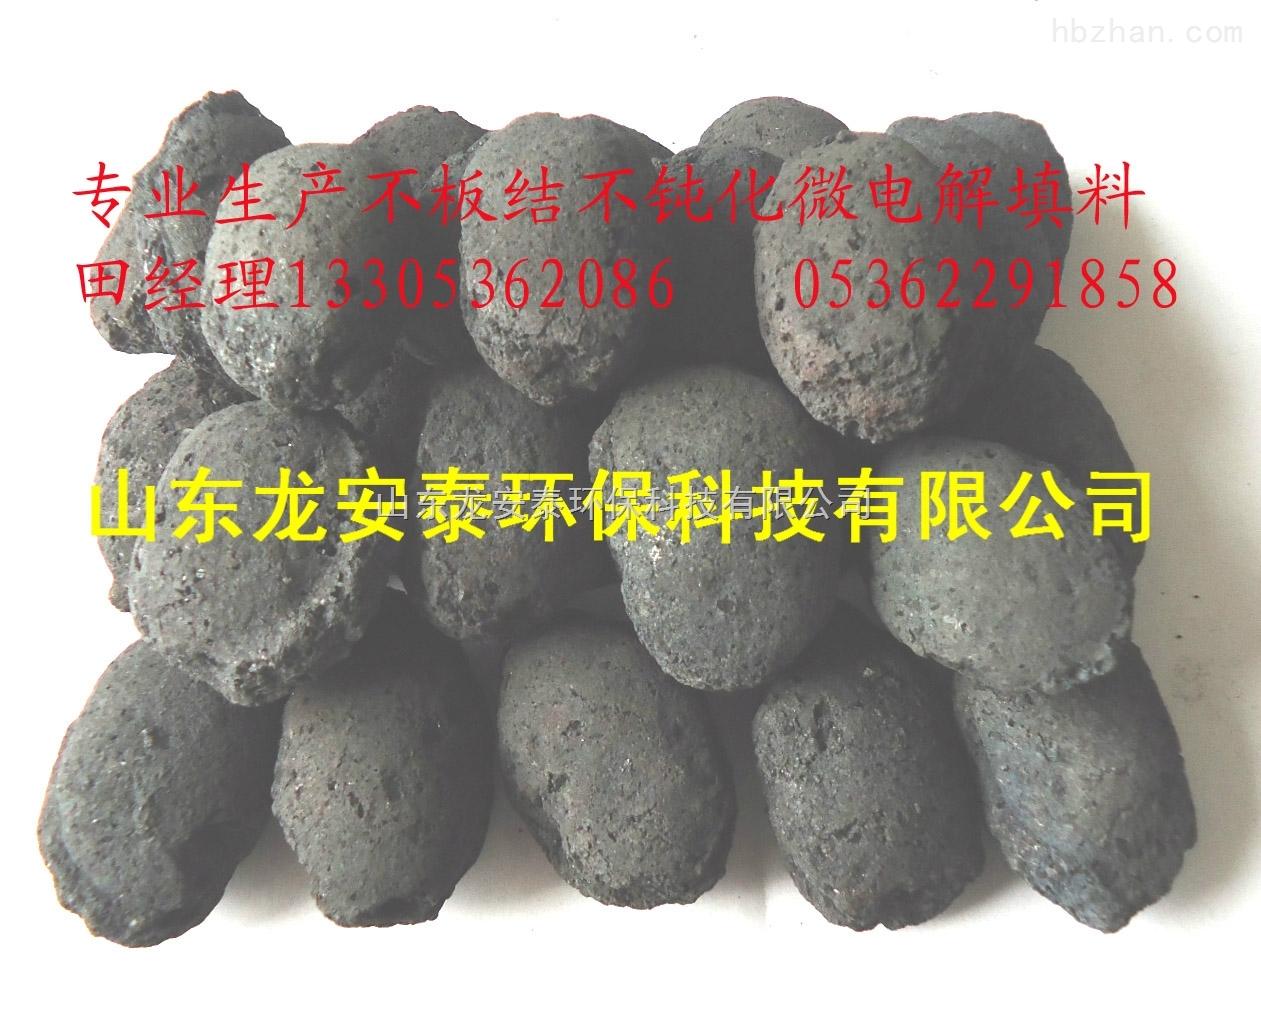 铁碳填料污水处理运行前后注意事项